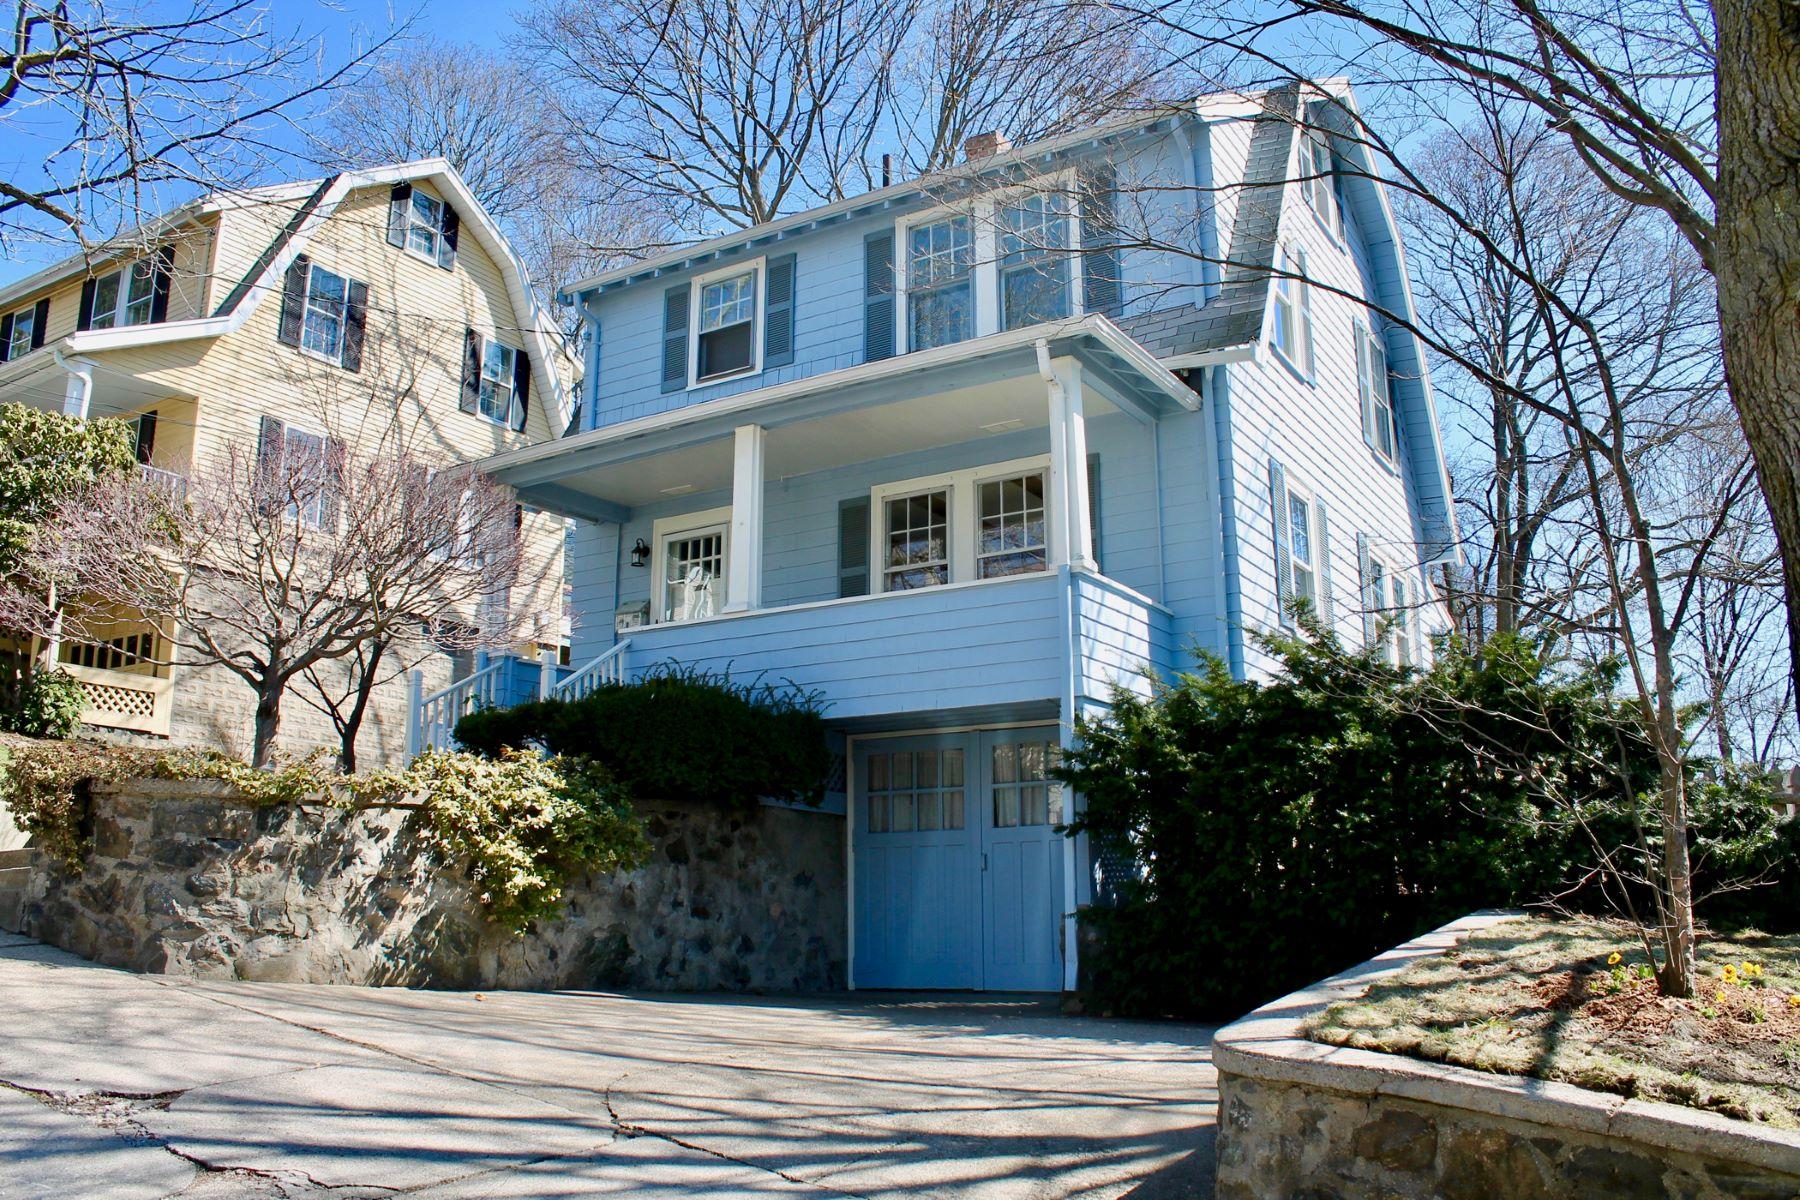 Single Family Home for Active at 11 Lennon Road, Arlington 11 Lennon Rd Arlington, Massachusetts 02474 United States